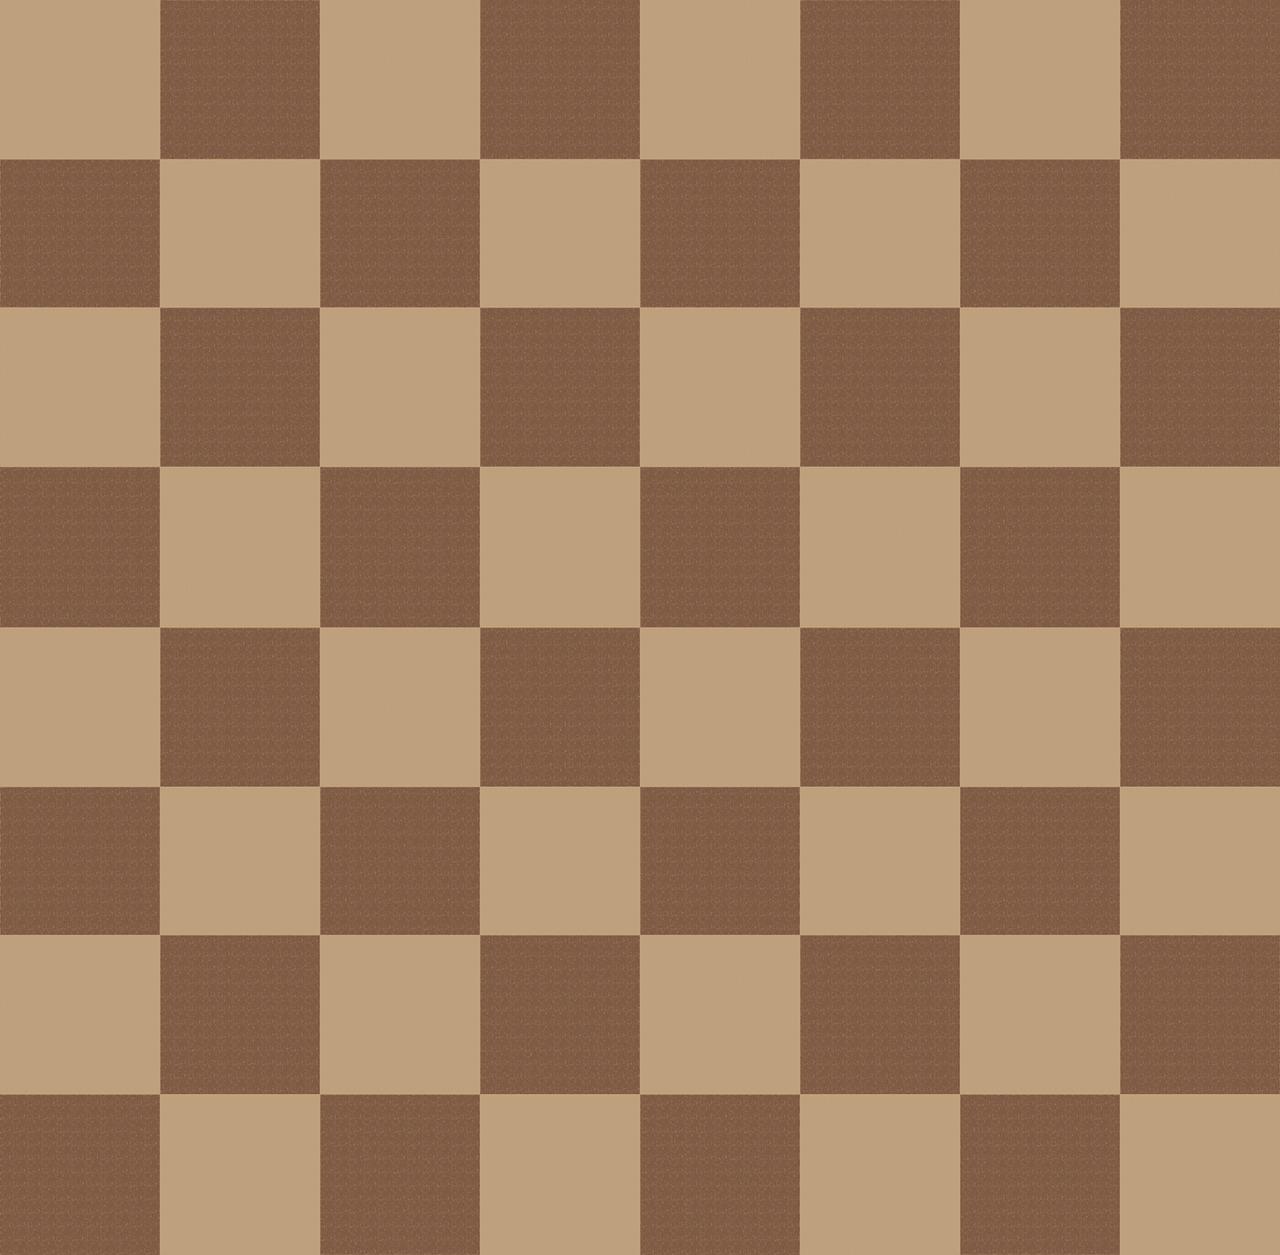 Viereck Form Viele Linien Striche Muster